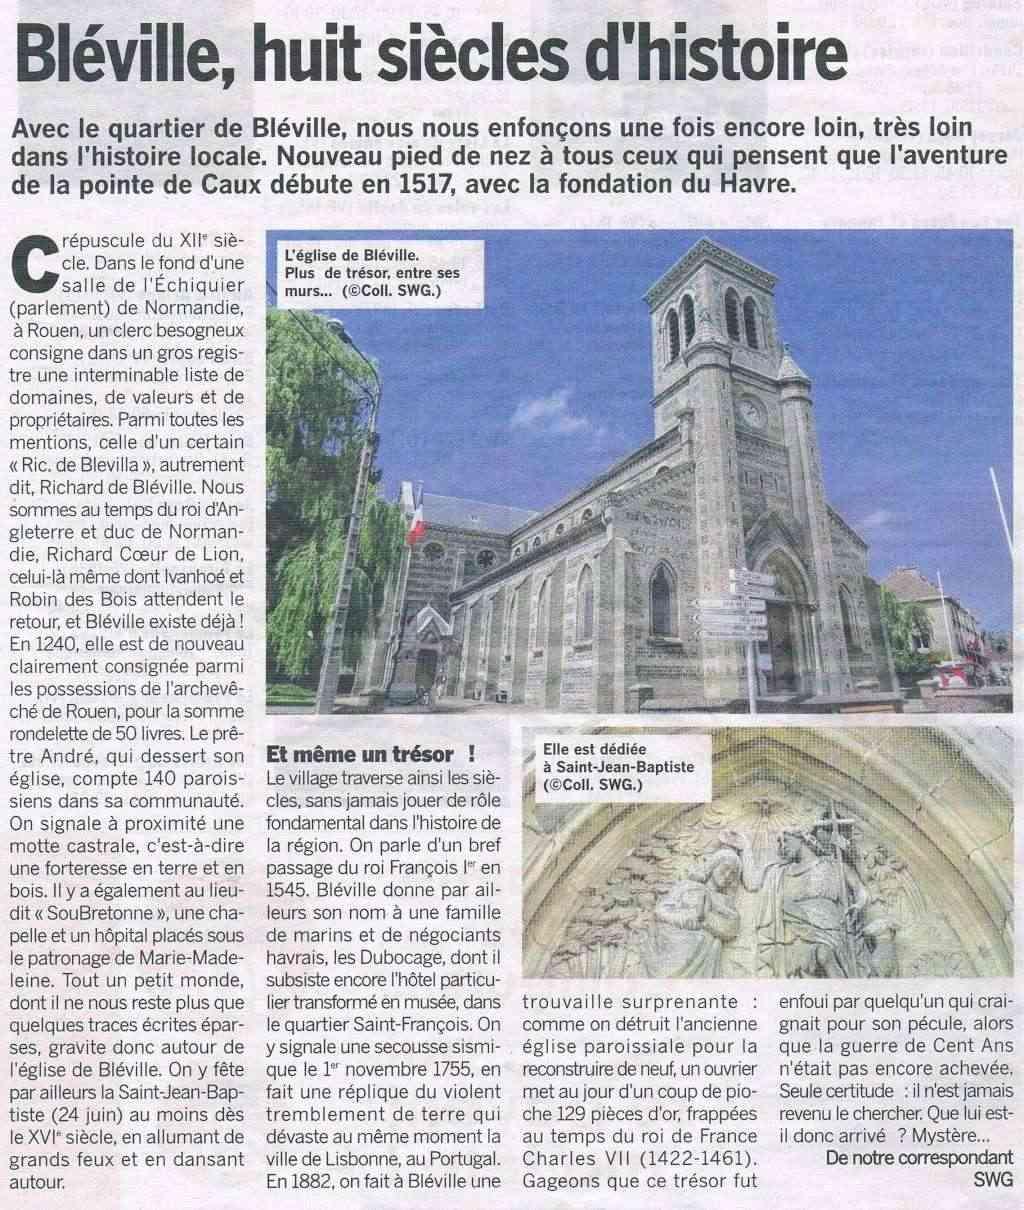 Abbé - Histoire des communes - Le Havre-Bléville 2014-015